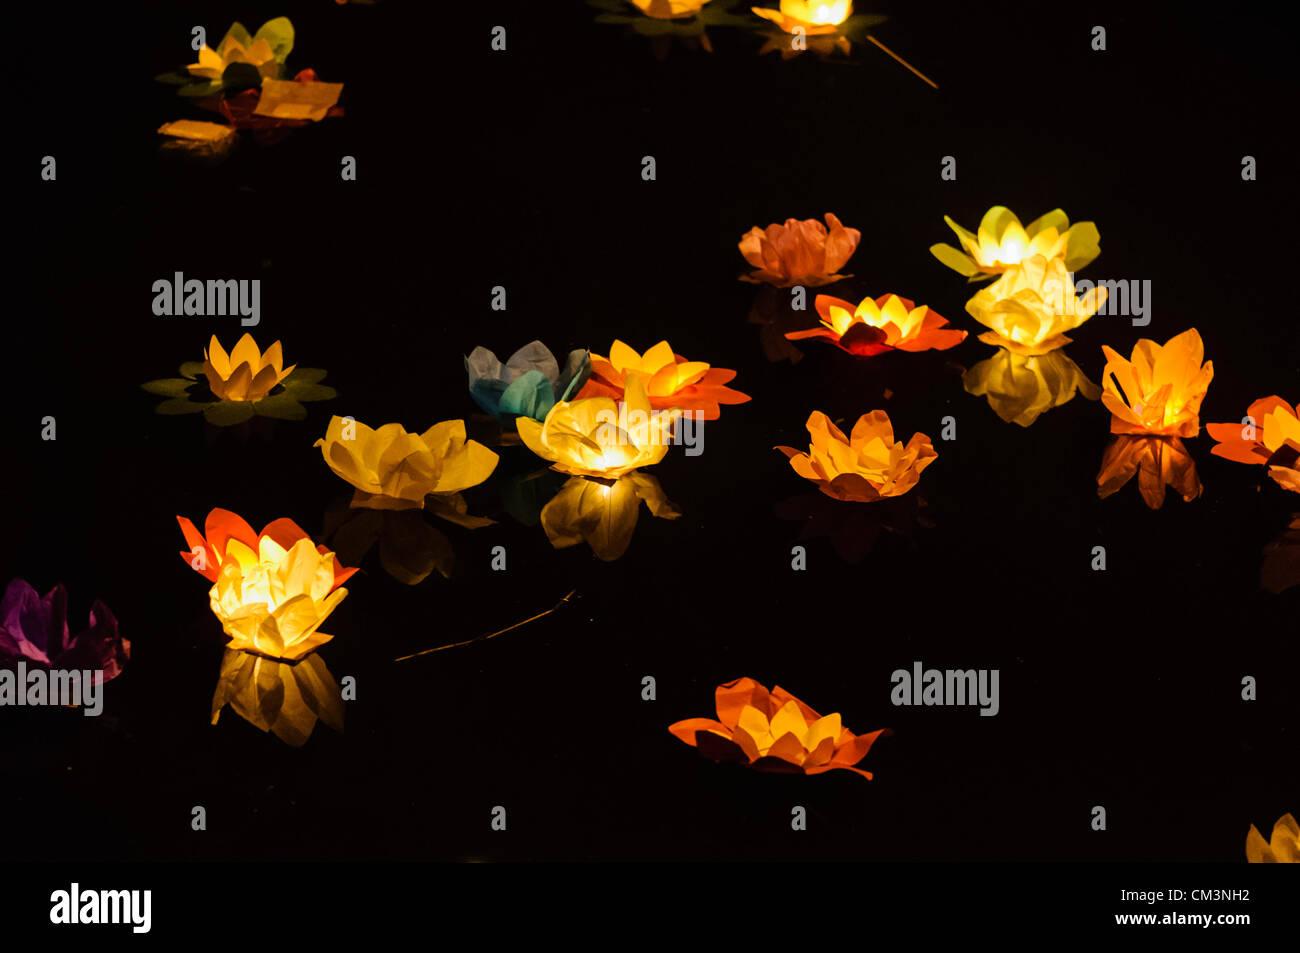 Irlanda del Nord, Belfast, 27/09/2012 - i cinesi Mid-Autumn Festival, che ha una storia che risale a oltre 3000 Immagini Stock